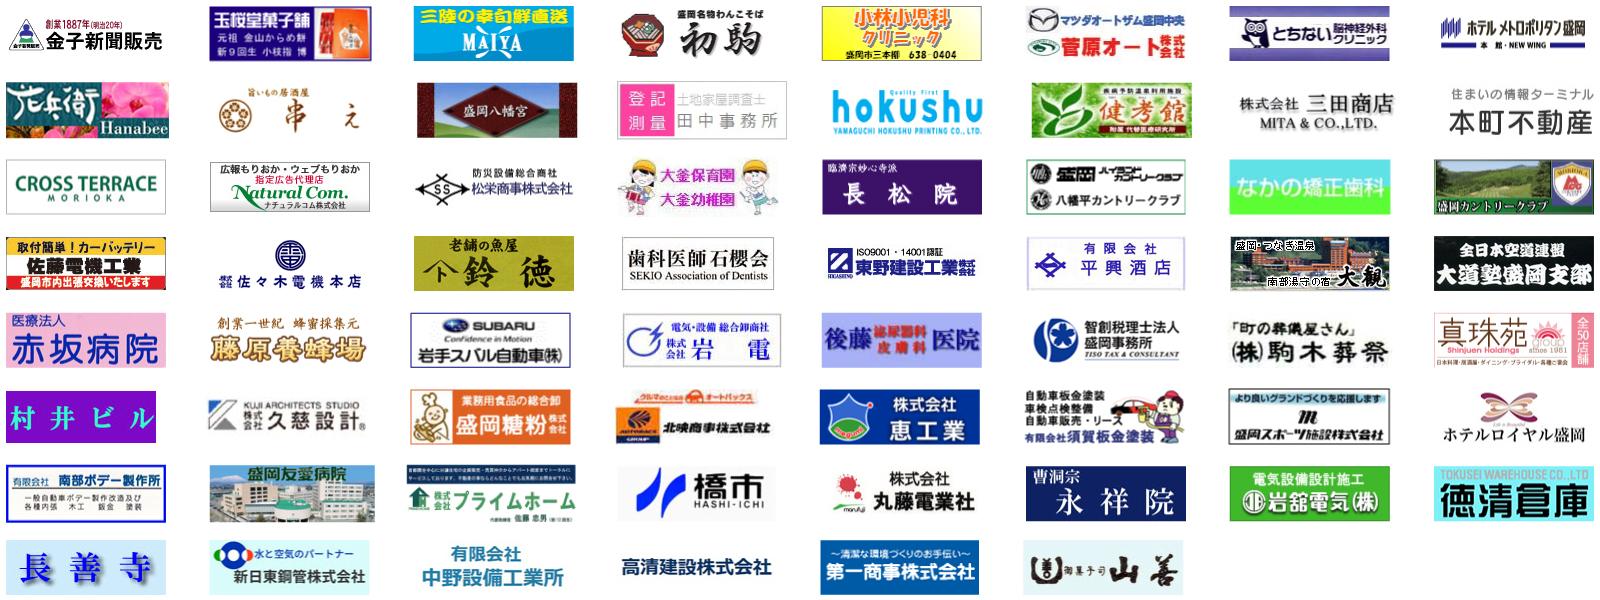 石桜同窓会公式ホームページ協賛広告一覧